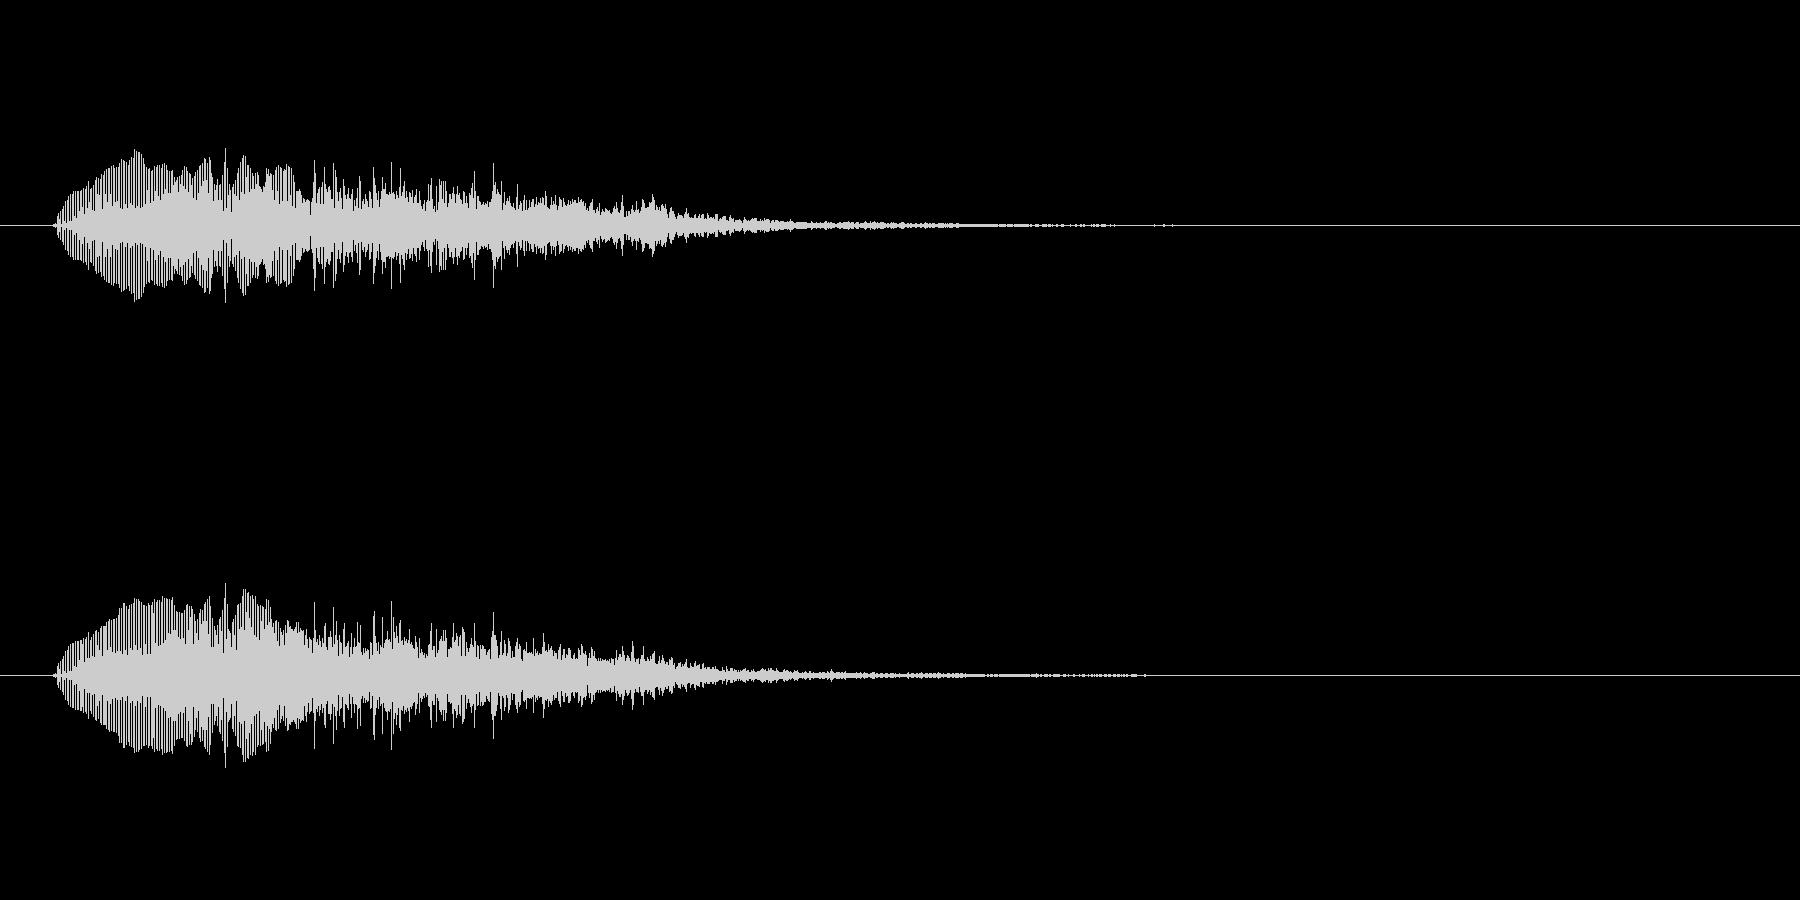 「トランペットでコミカルな音」の未再生の波形